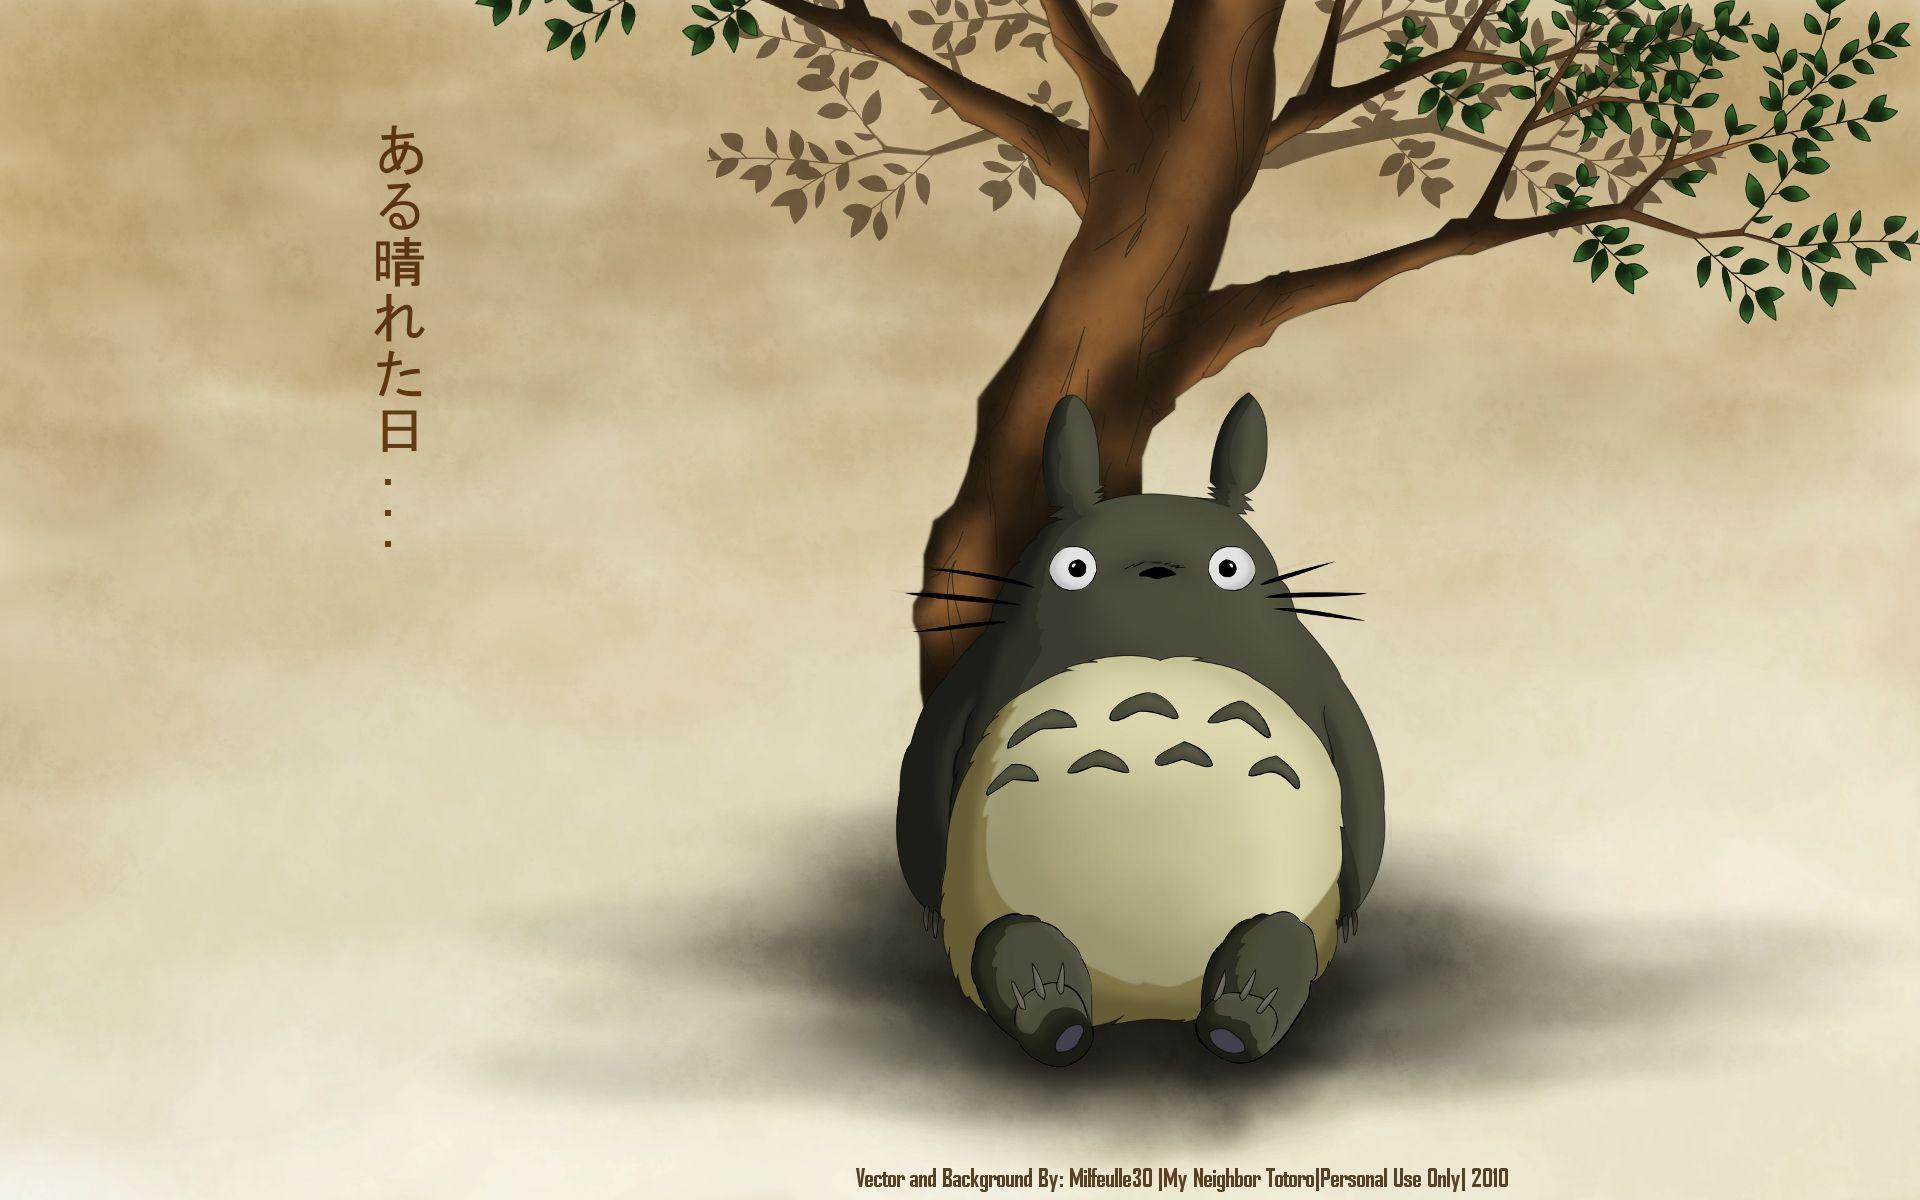 My neighbor Totoro My Neighbor Totoro 1920 X 1200